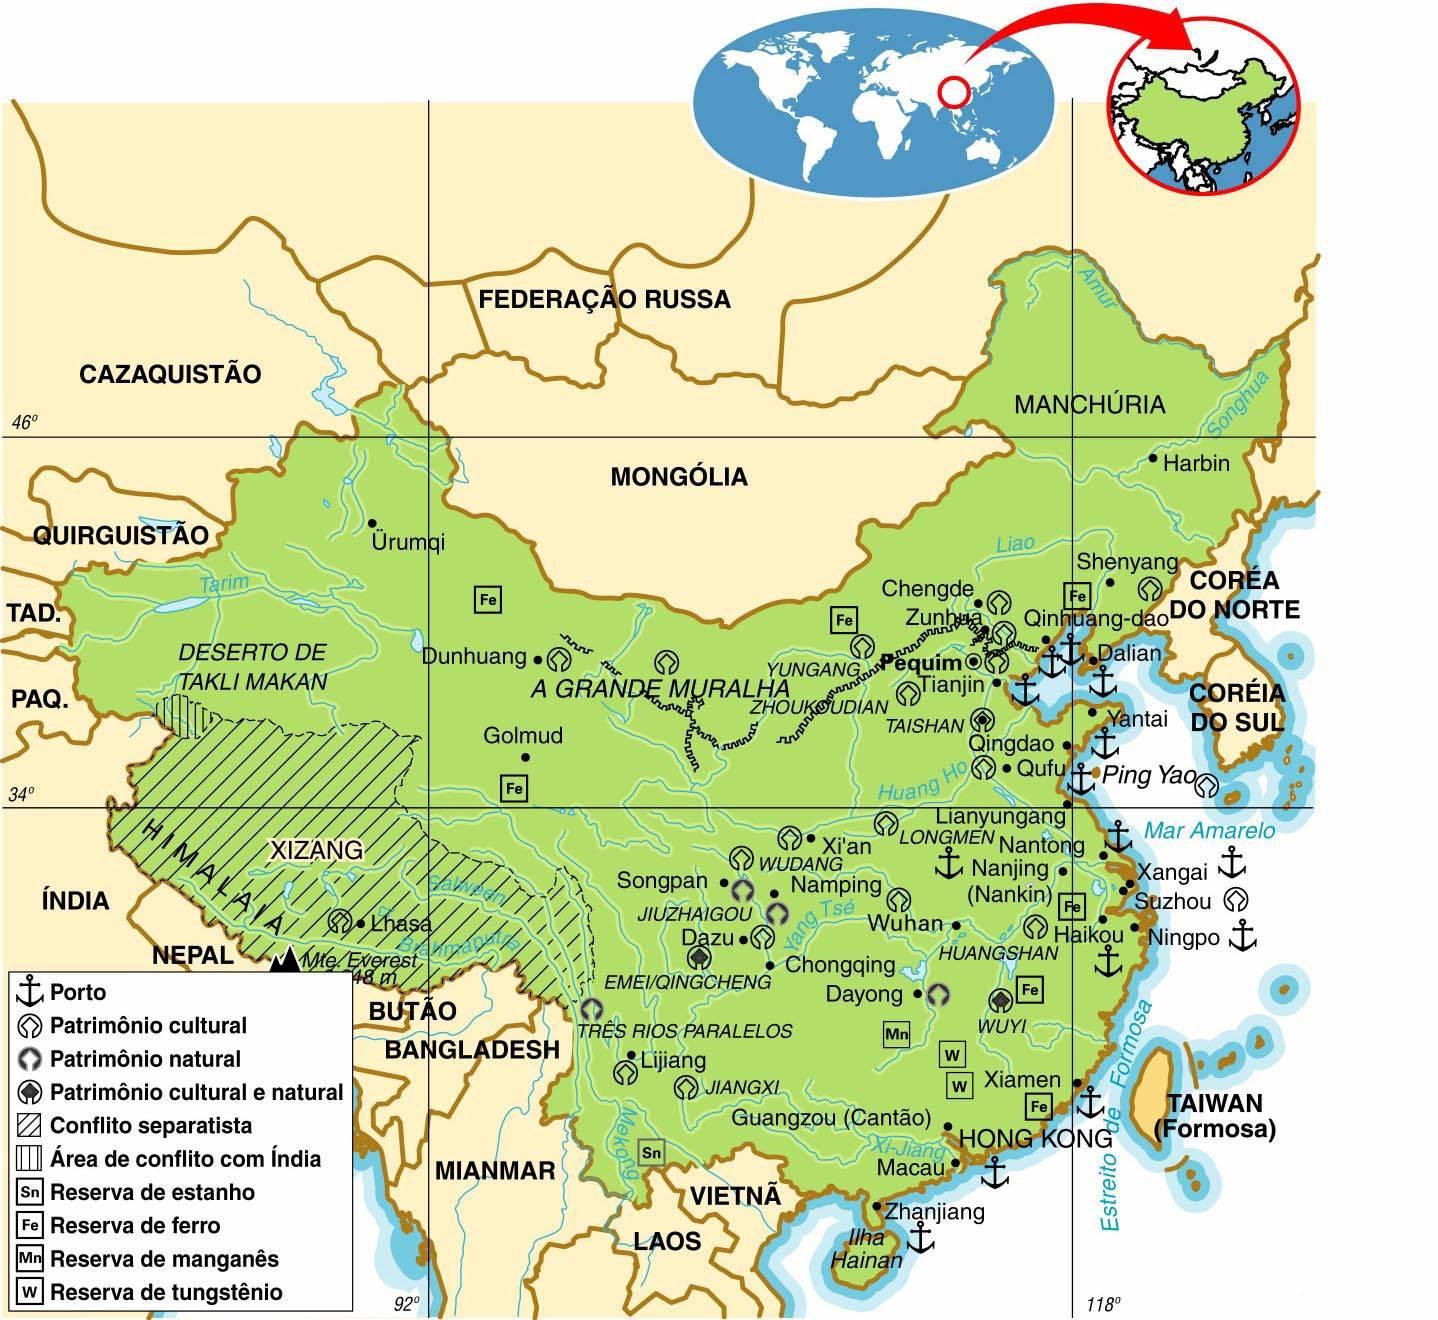 China - Aspectos Geográficos e Sociais da China